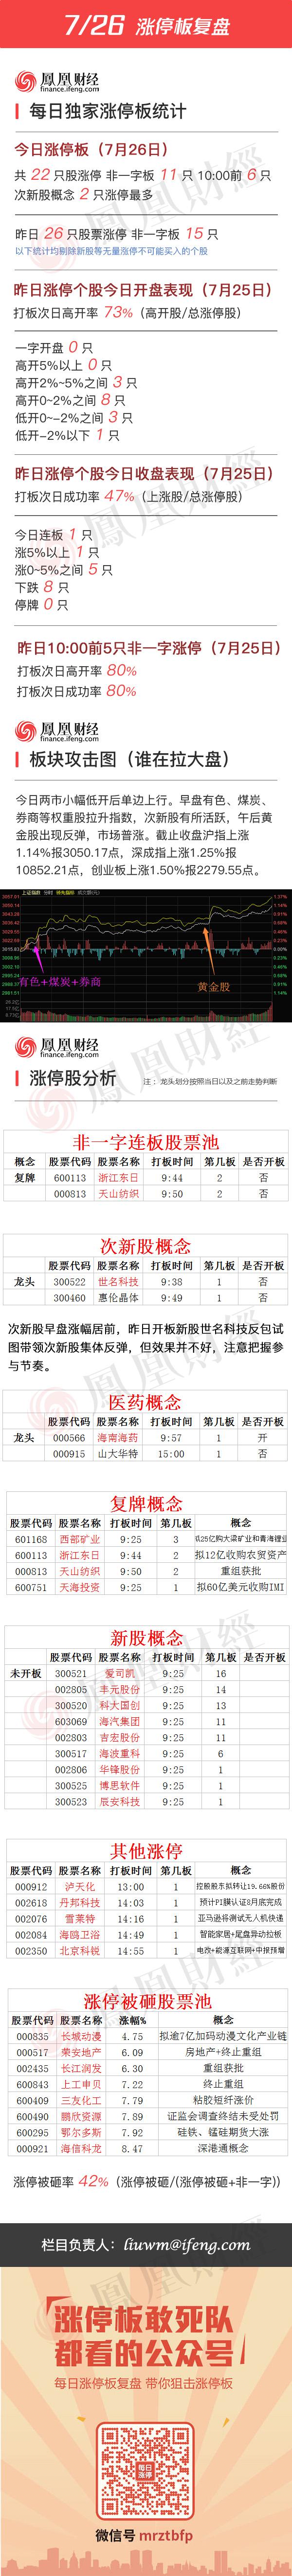 2016年7月26日涨停板复盘 - 小美 - xing1969wuw的博客